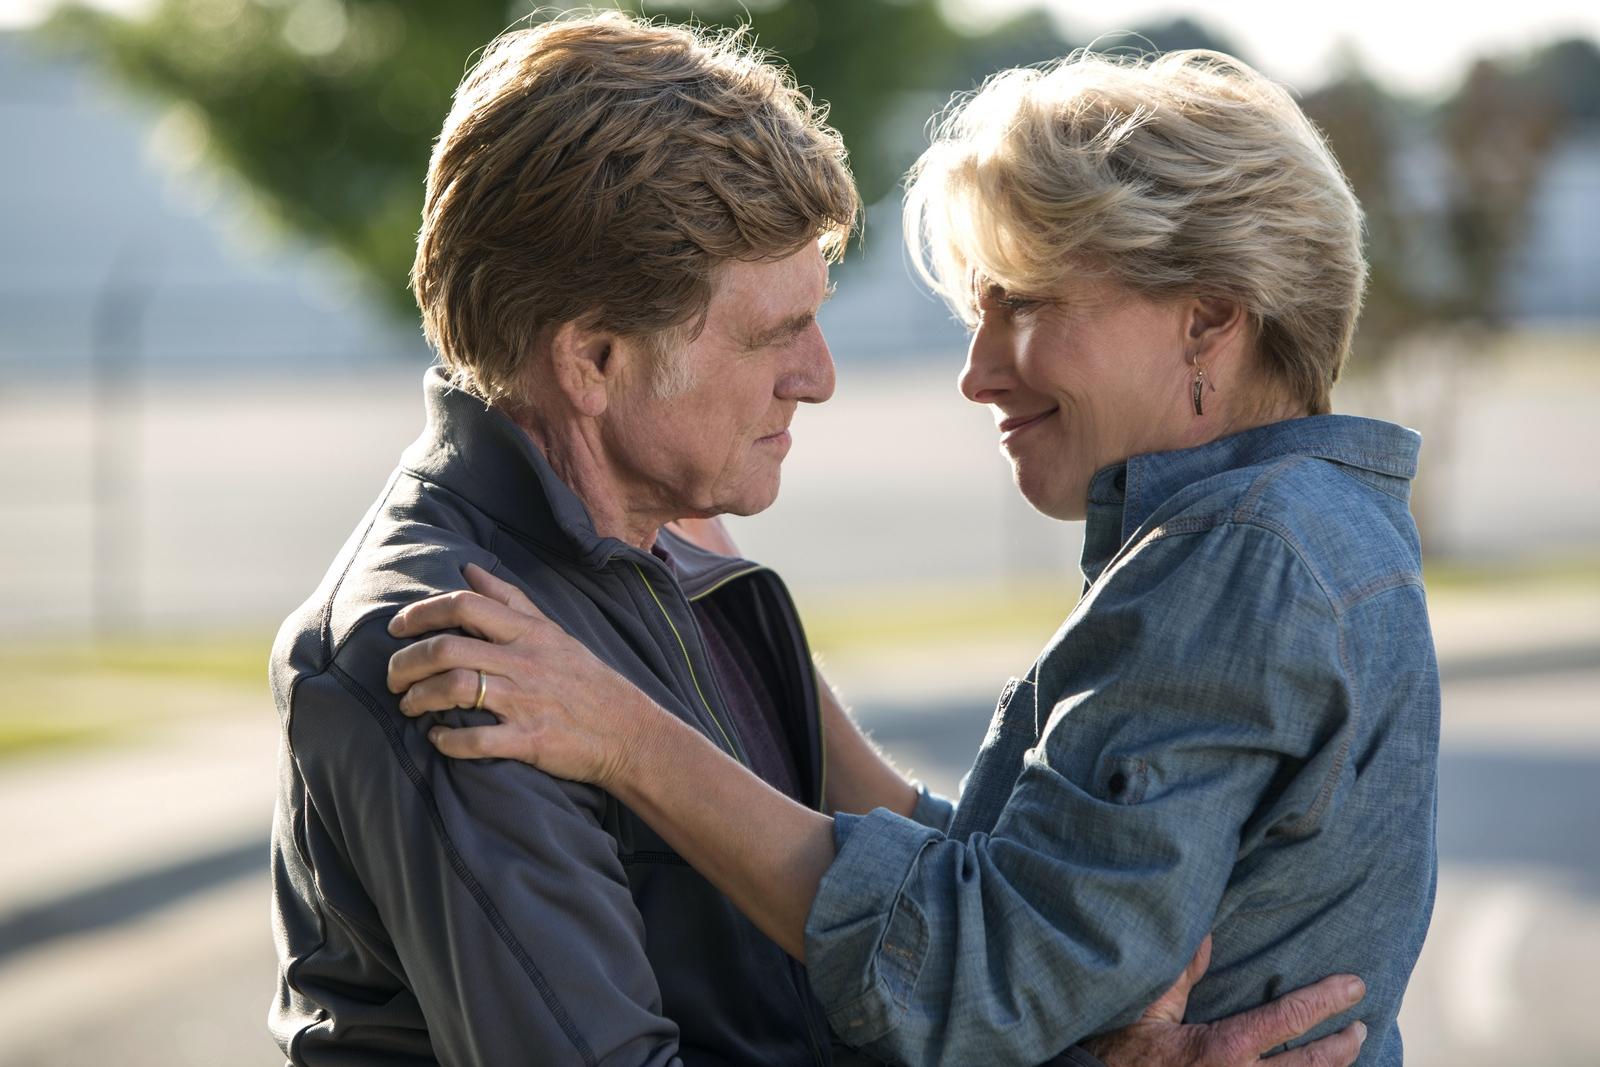 《別跟山過不去》劇照:艾瑪湯普遜(右)與勞勃瑞福(左)在片中飾演夫妻,互動令人動容。